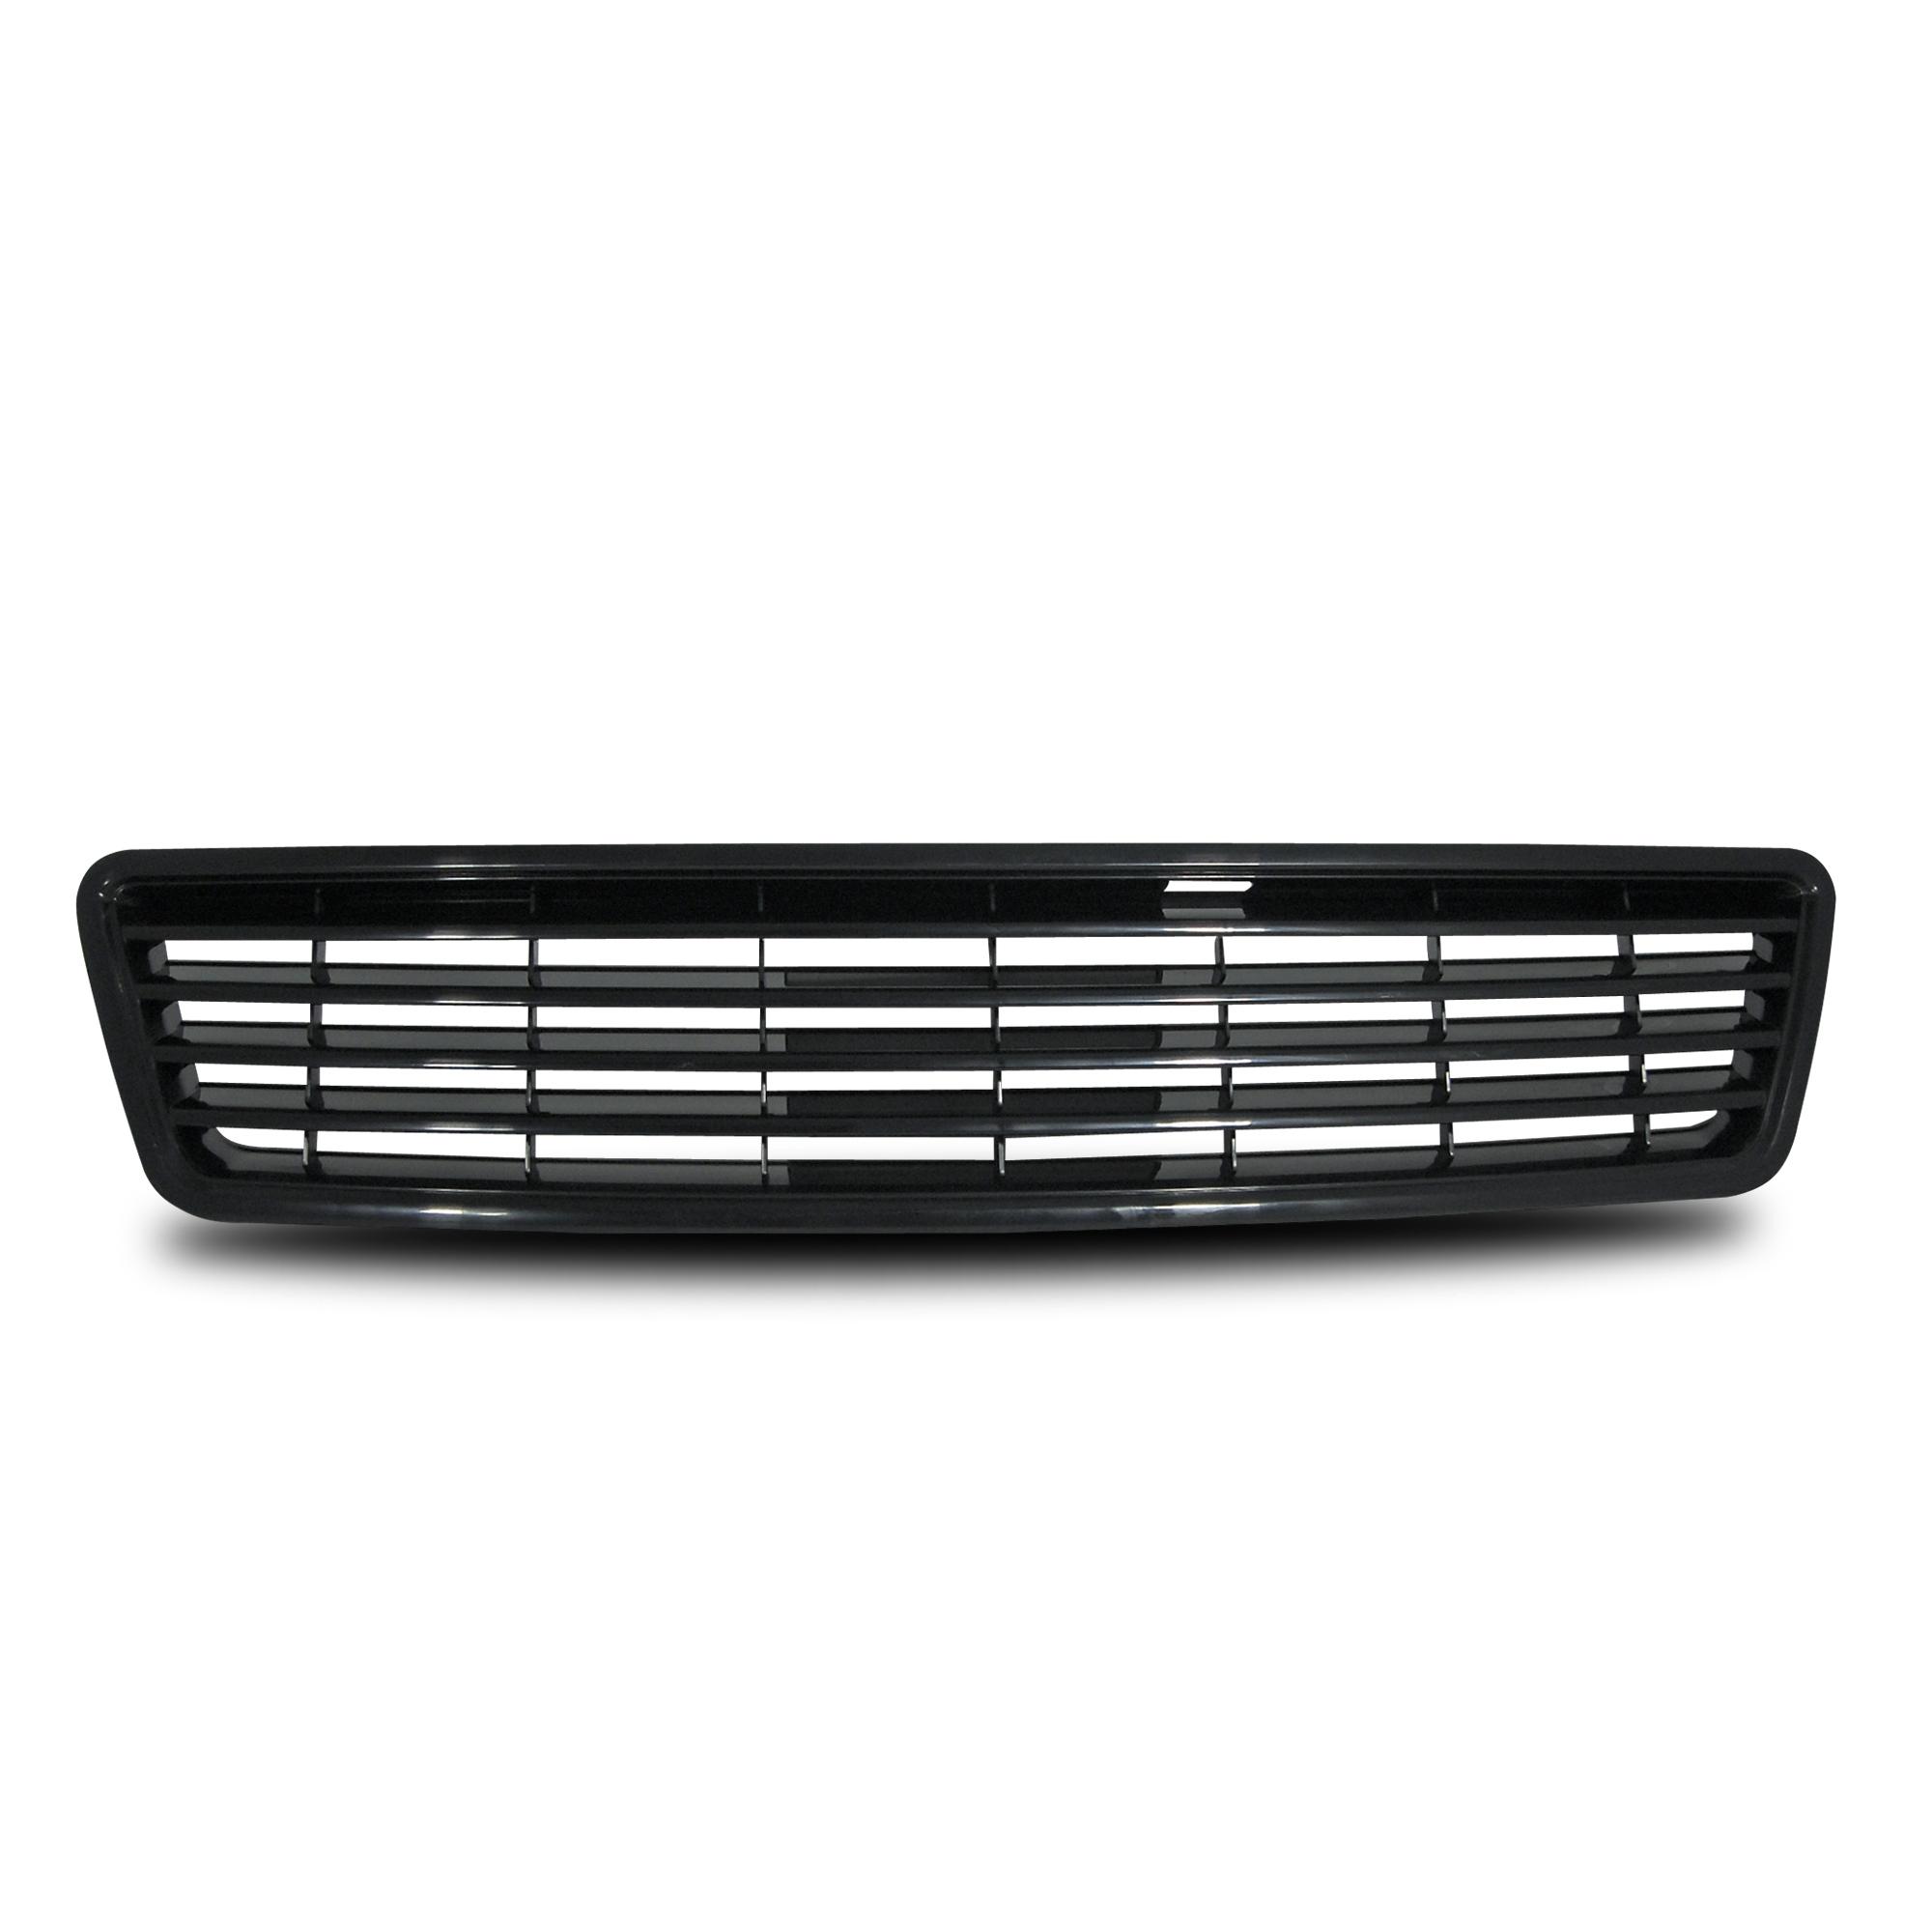 JOM Frontgrill sort til Audi A6 årgang 5.1997-6.2001 - uden logo